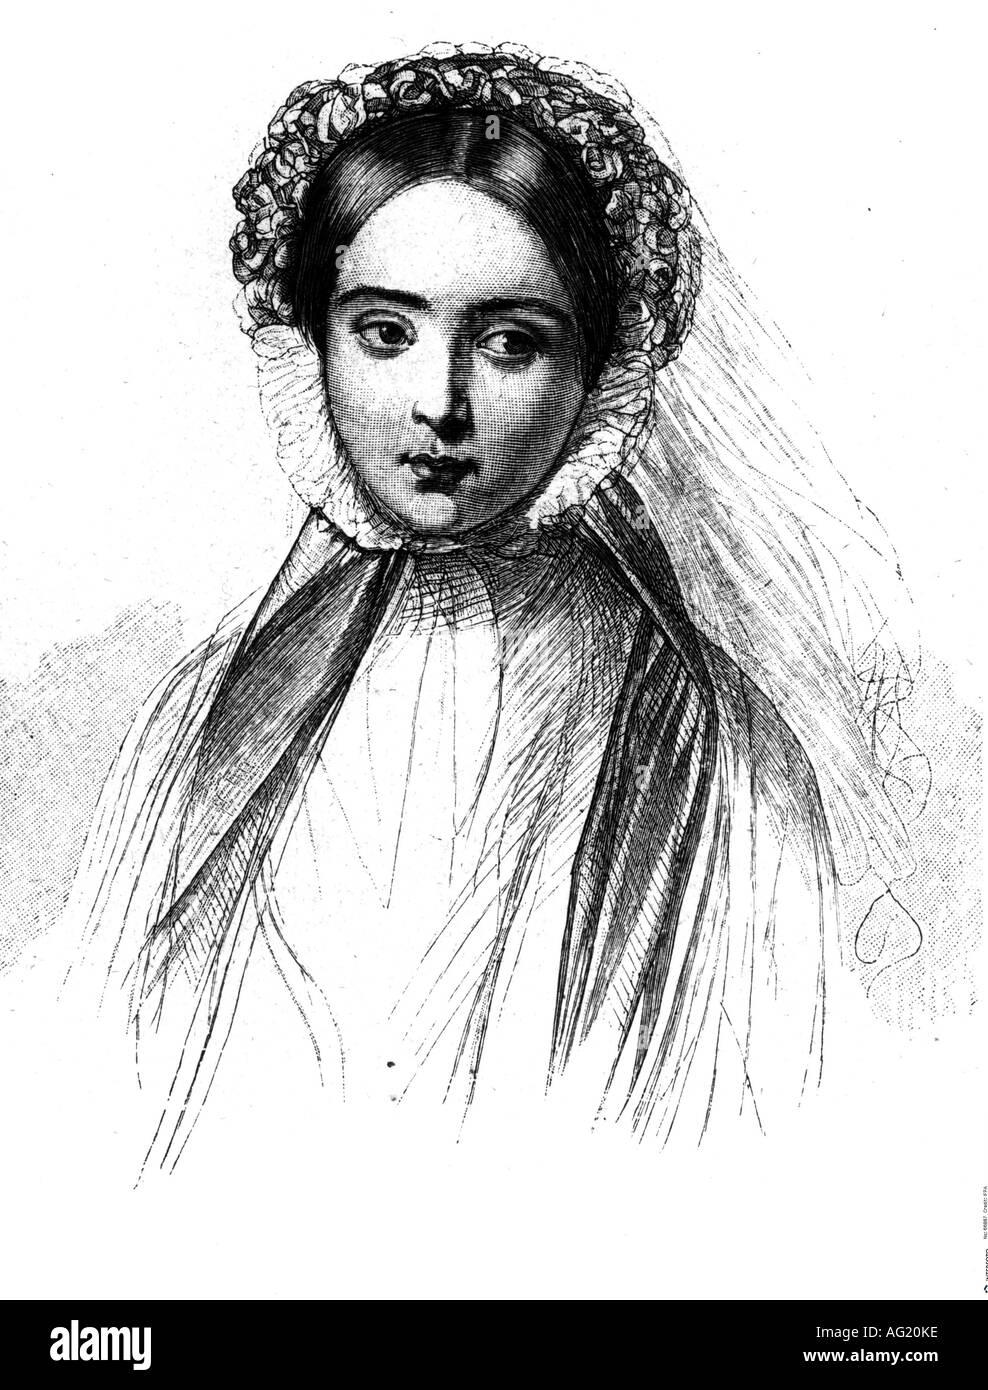 Victoria Adelaide, 21.11.1840 - 5.8. 1901, German Empress consort 9.3.1888 - 15.6.1888, ritratto, incisione dopo Foto Stock